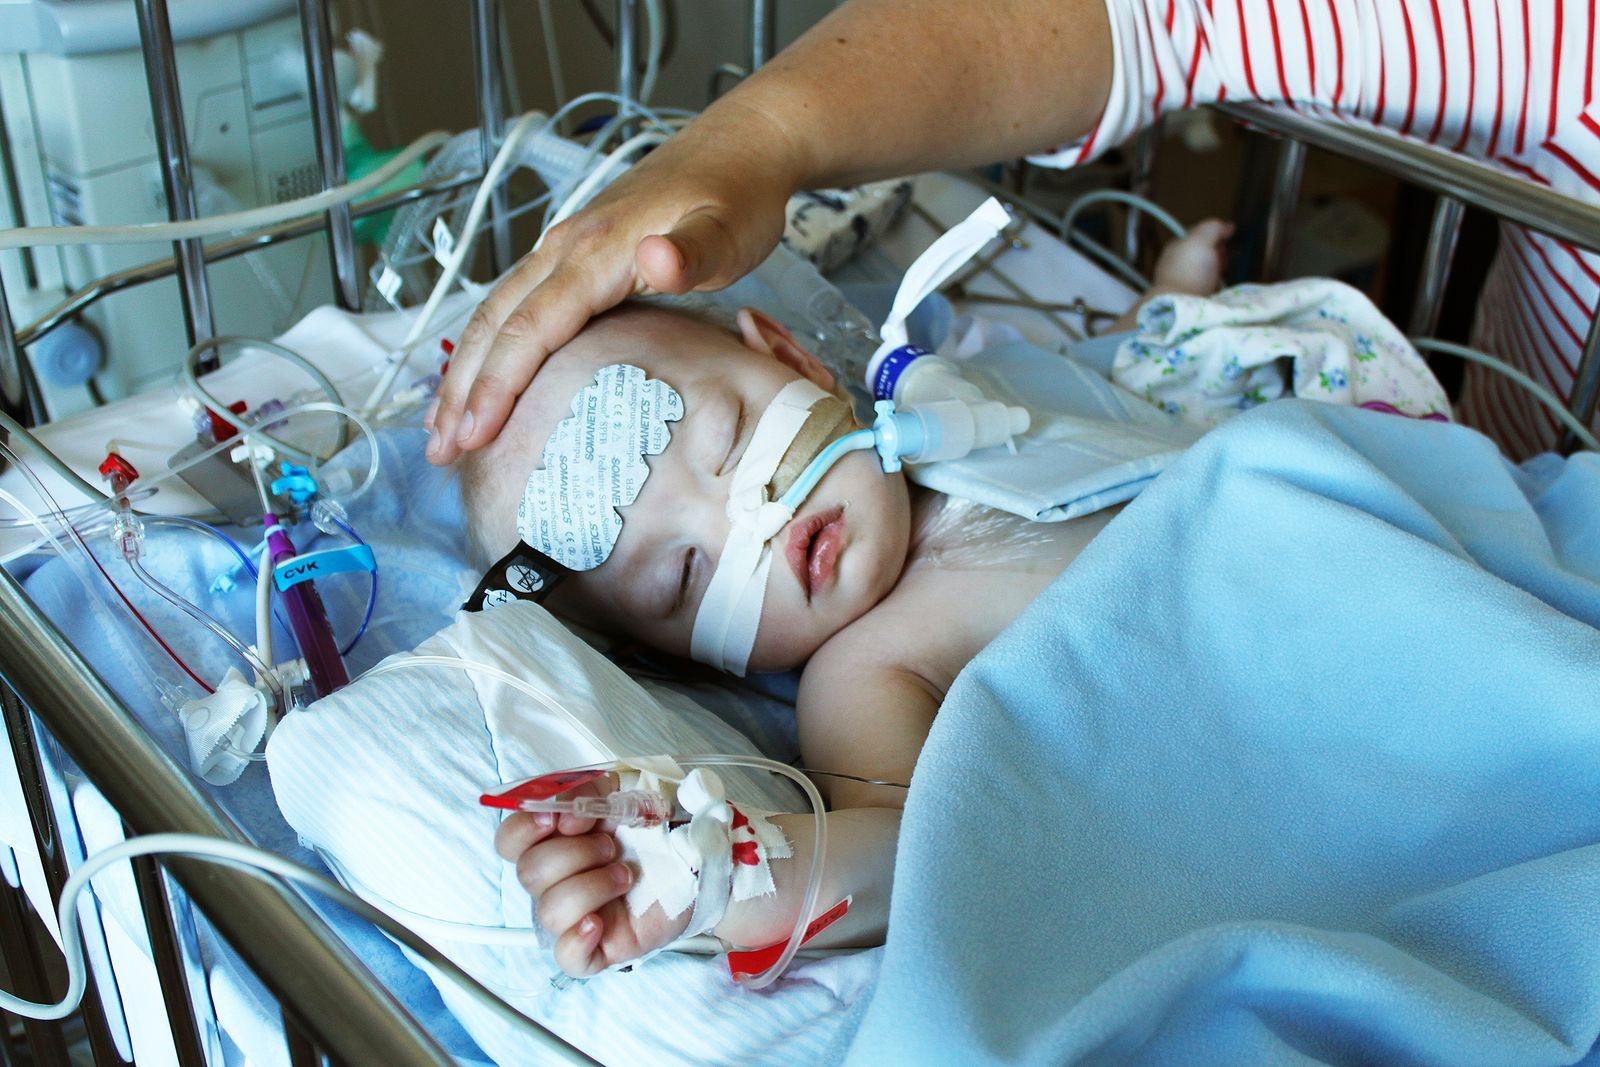 Tolv timmar efter operationen där läkarna på Drottning Silvias barnsjukhus slöt det hål mellan hjärtats kamrar som Elise hade fötts med.